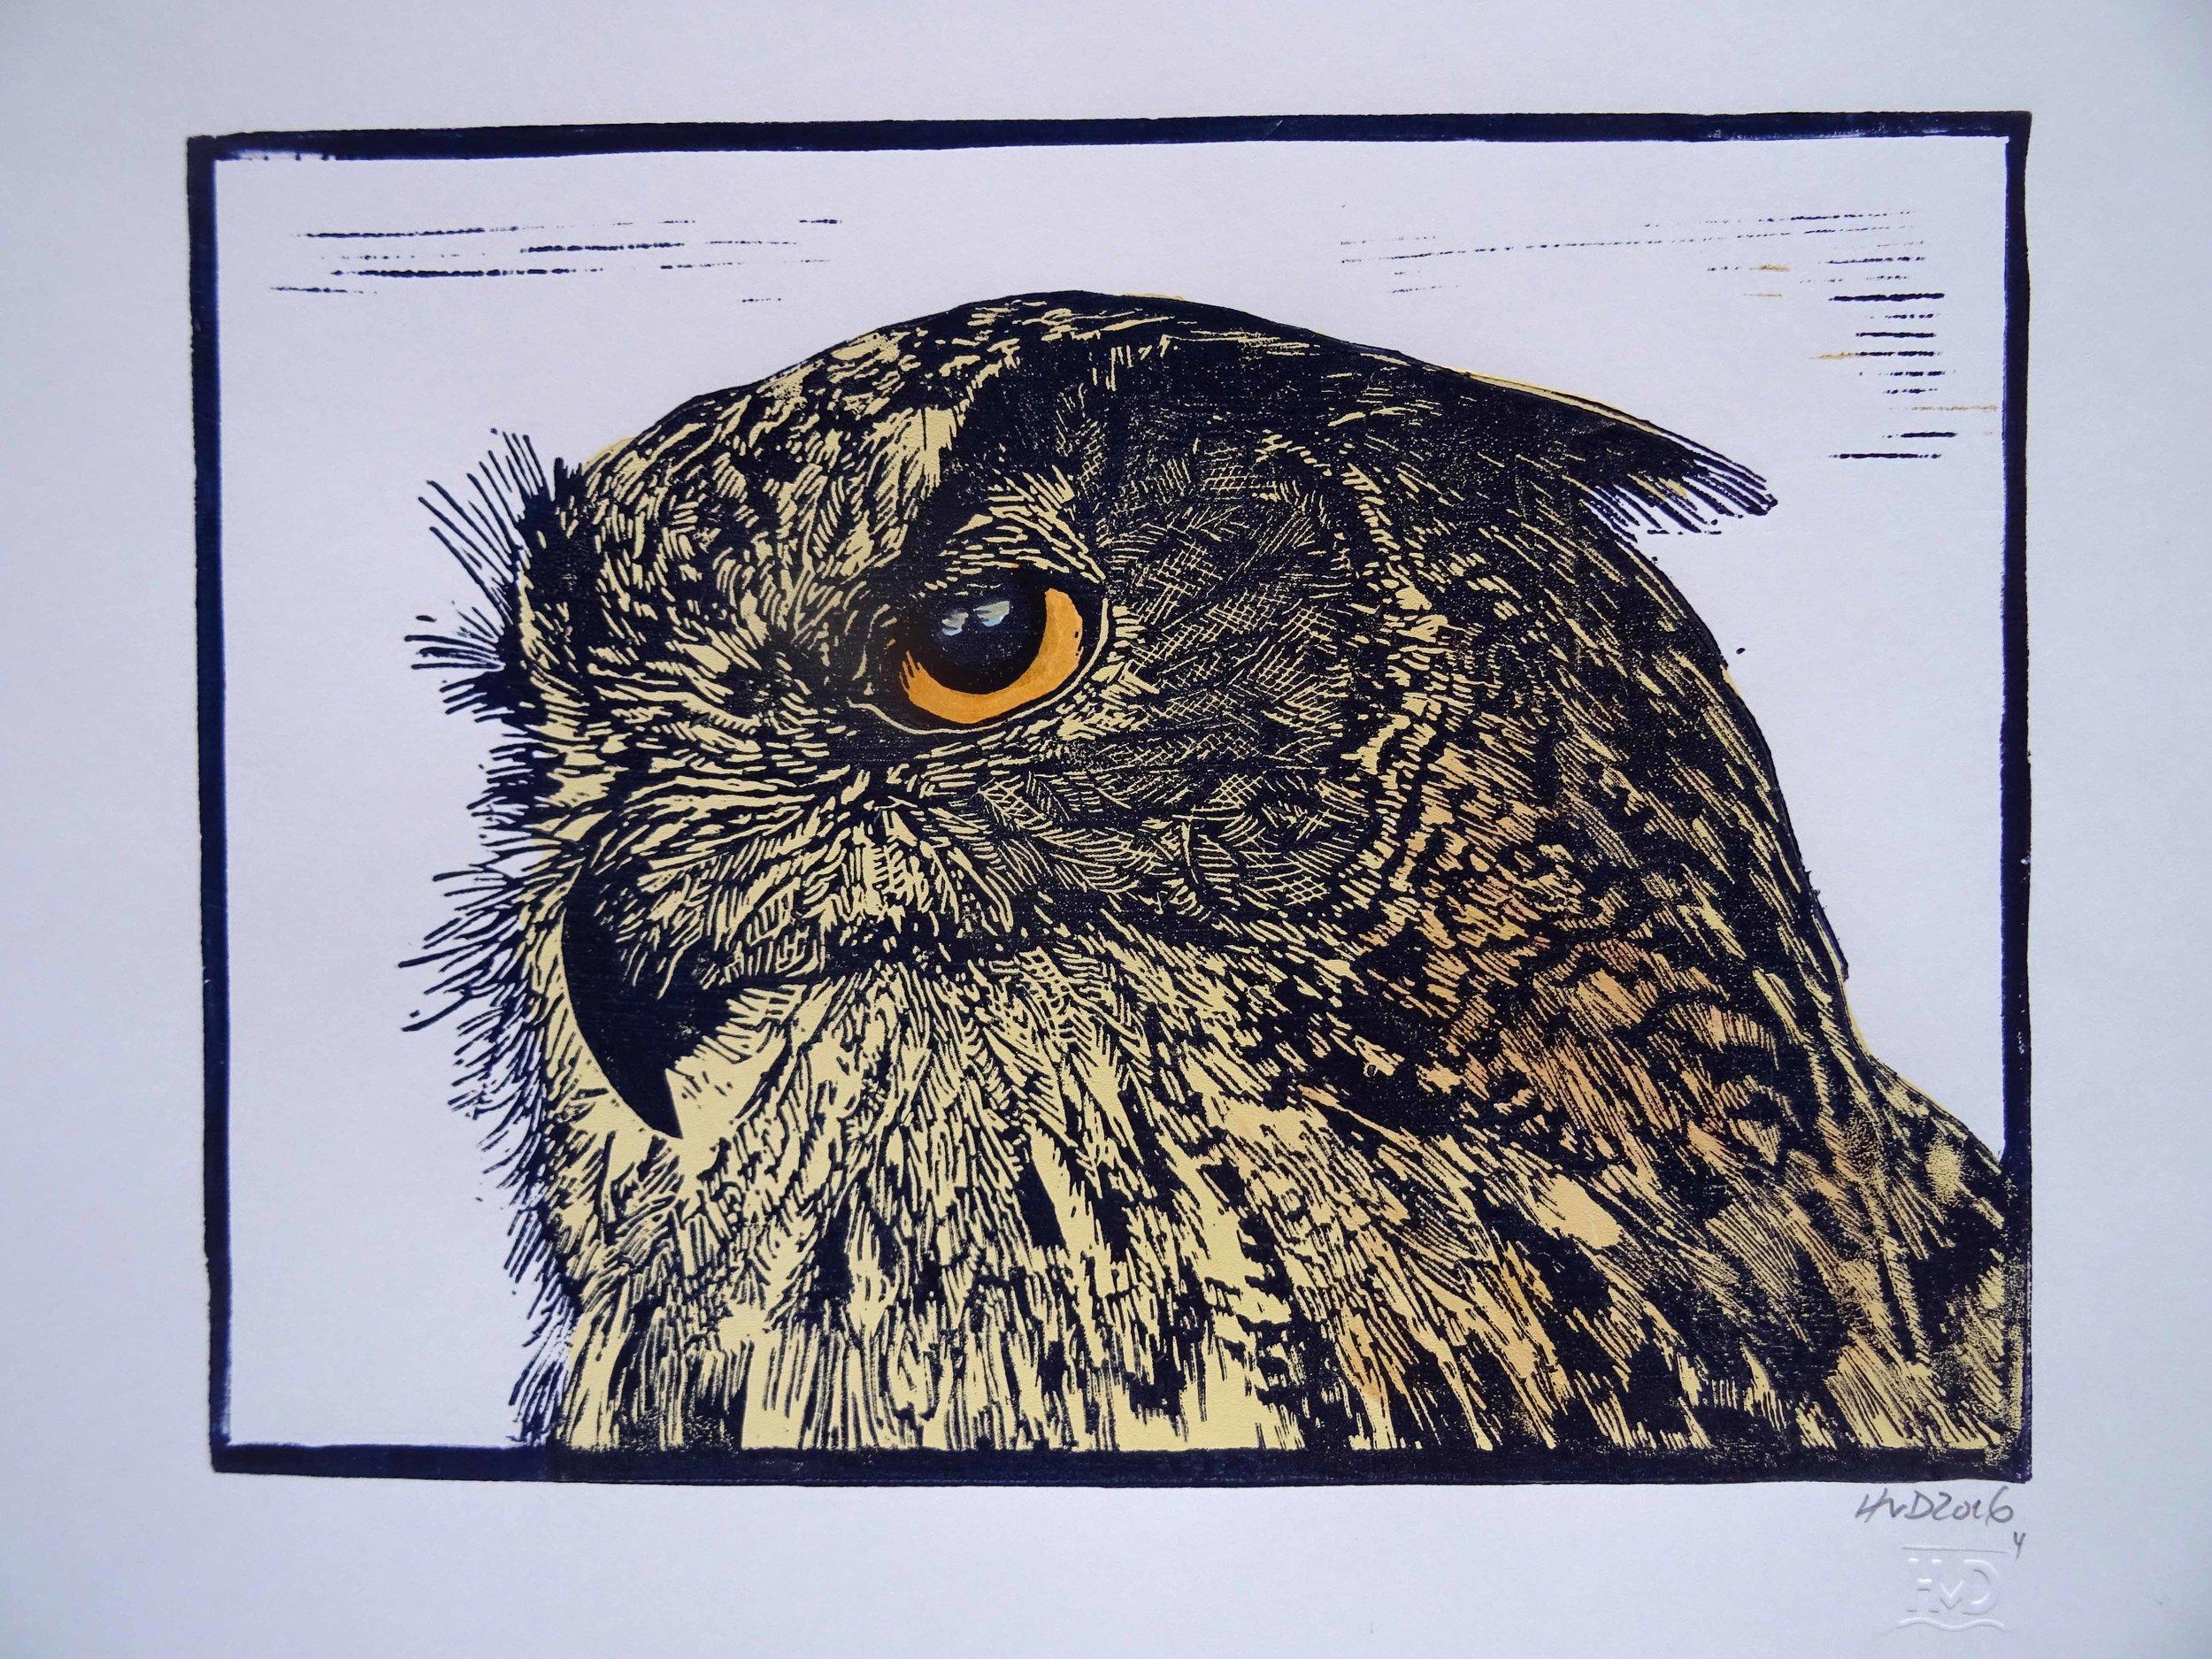 226 - Eule 3, 2-plate lino 30x42 cm, 70 €